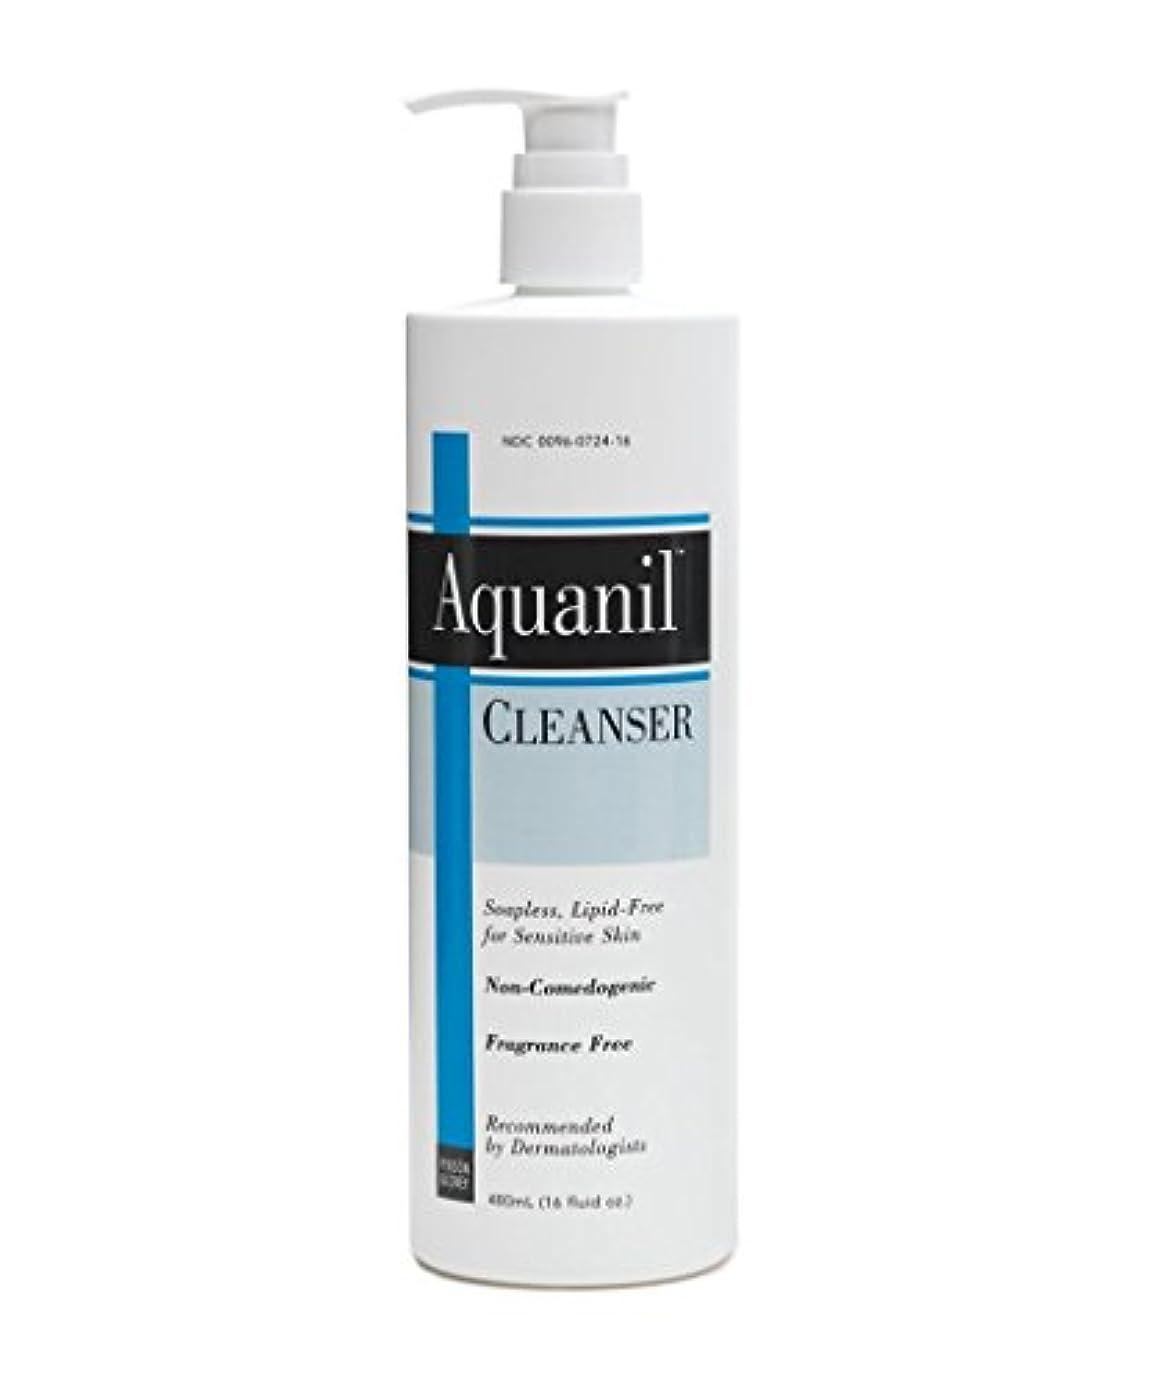 古いからに変化する時計海外直送肘 Aquanil Cleanser A Gentle Soapless Lipid-Free, 16 oz